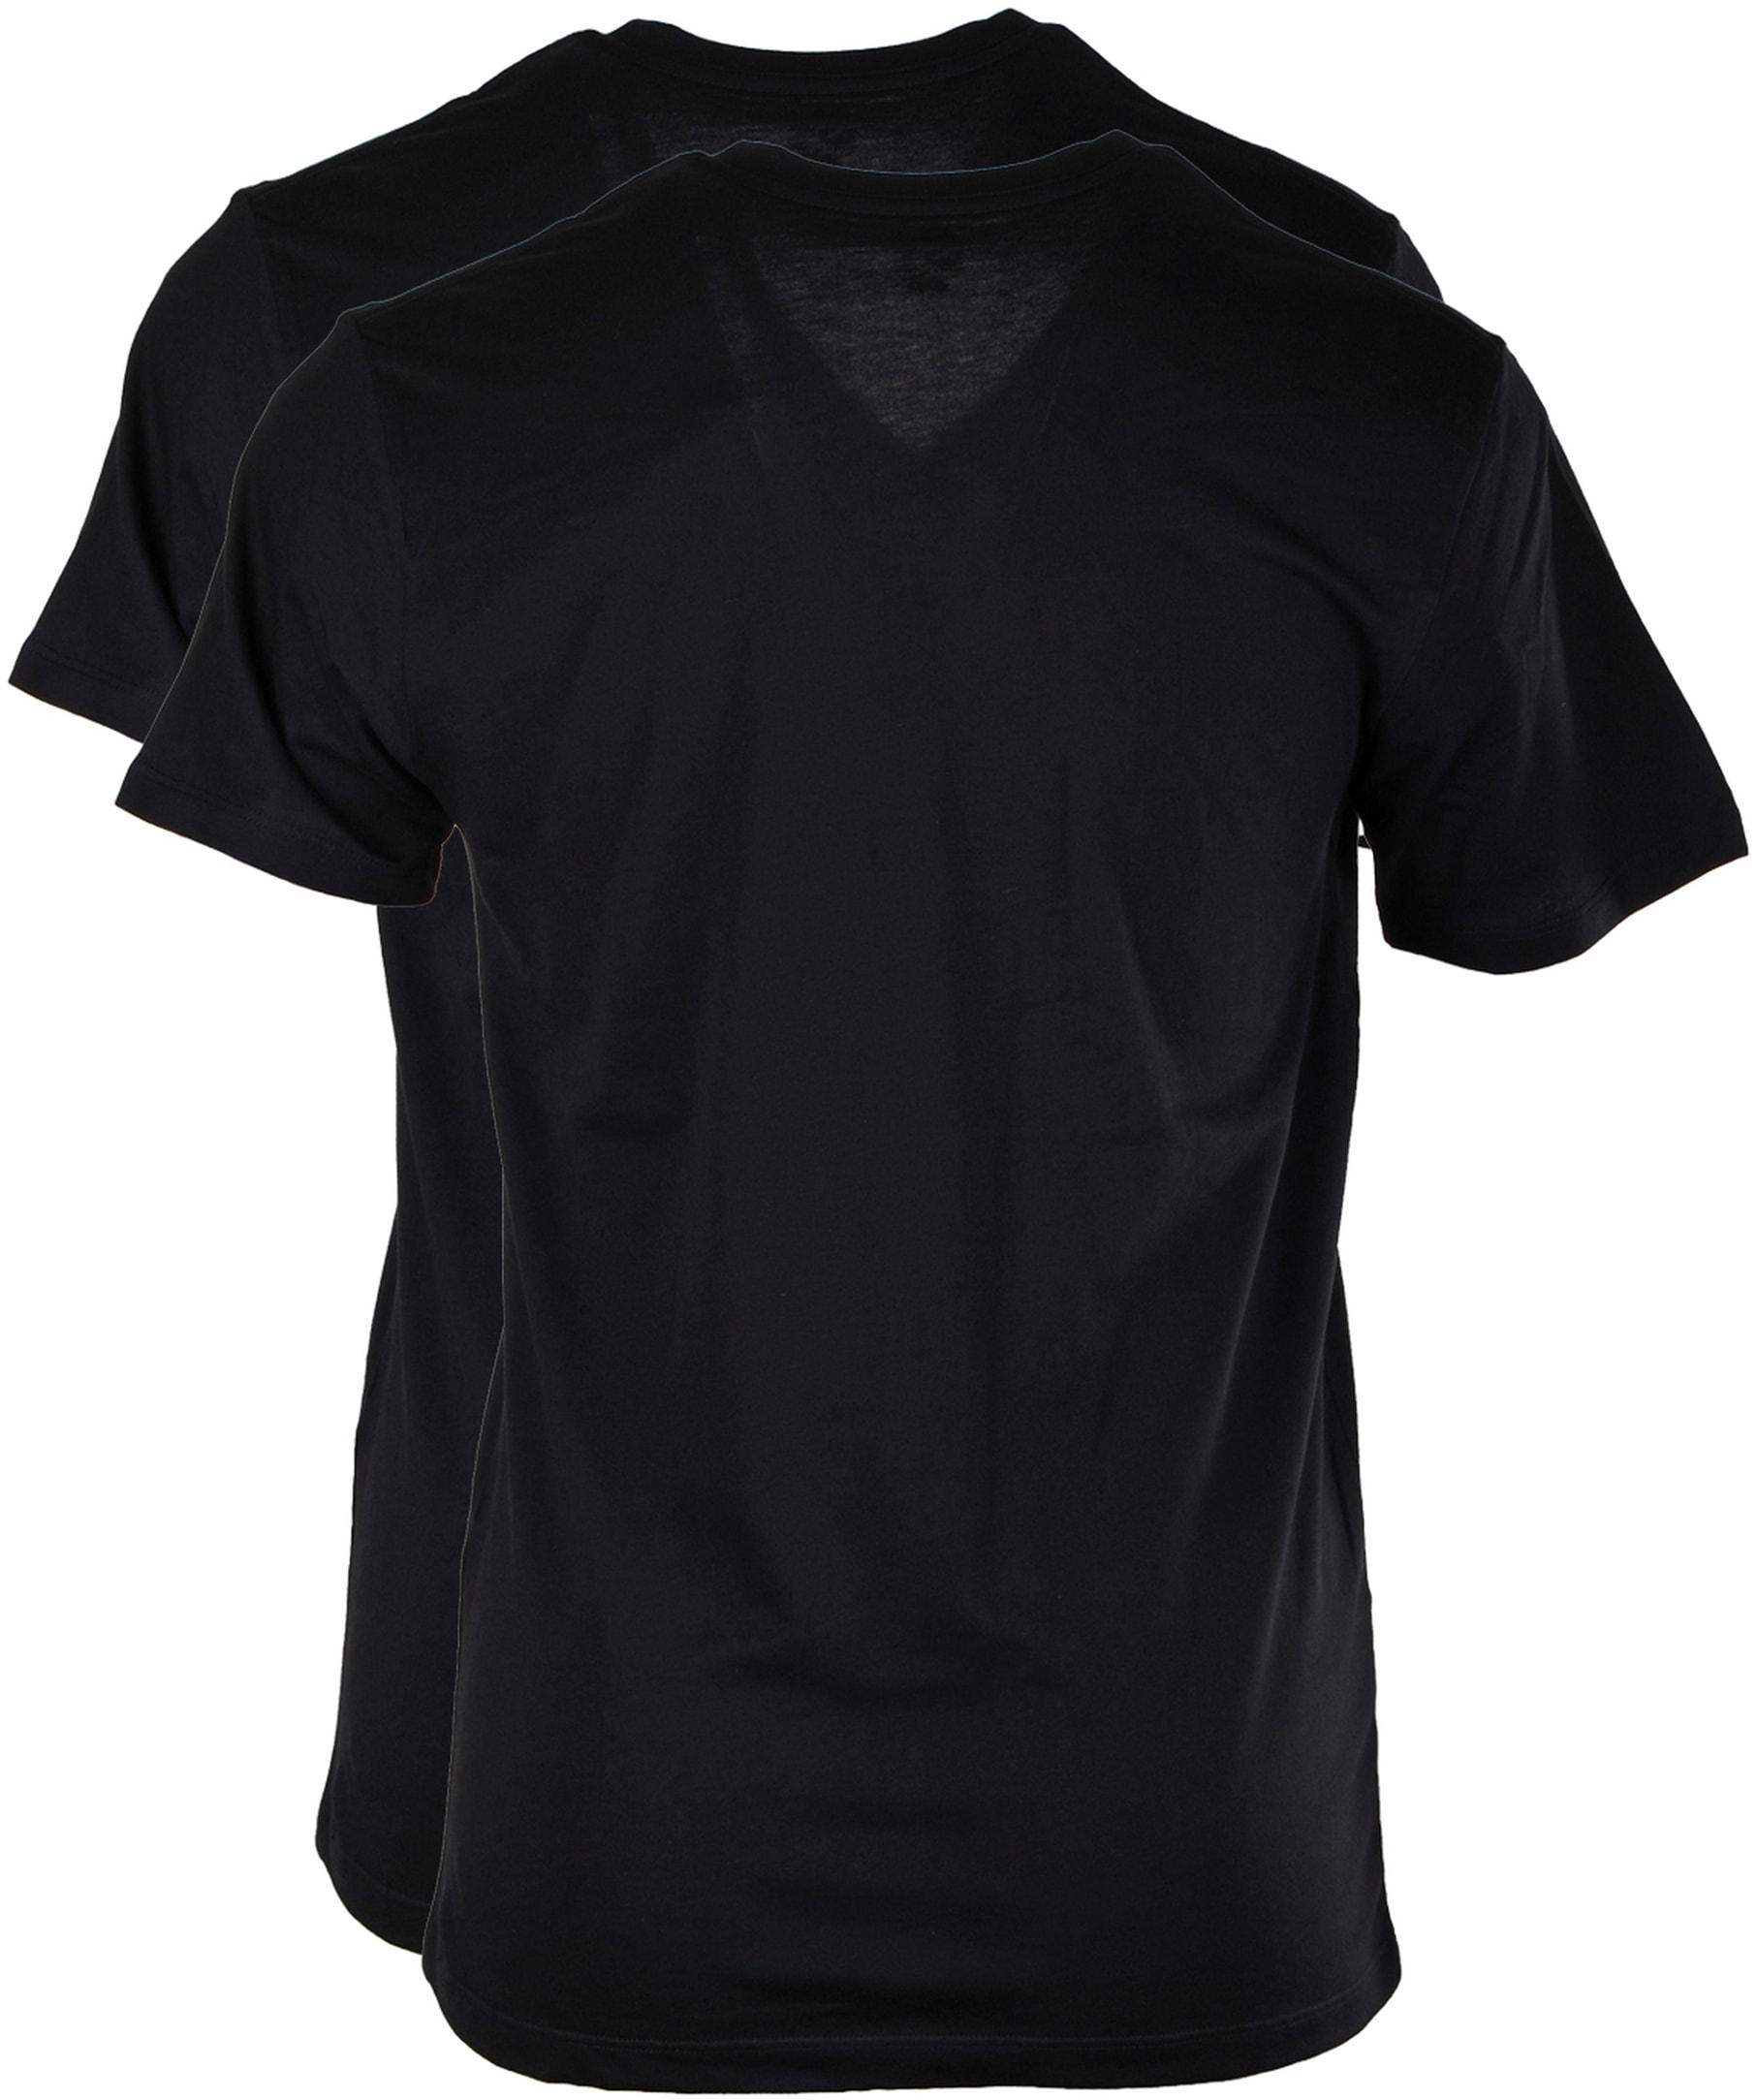 Levi's T-shirt V-Hals Zwart 2Pack foto 1